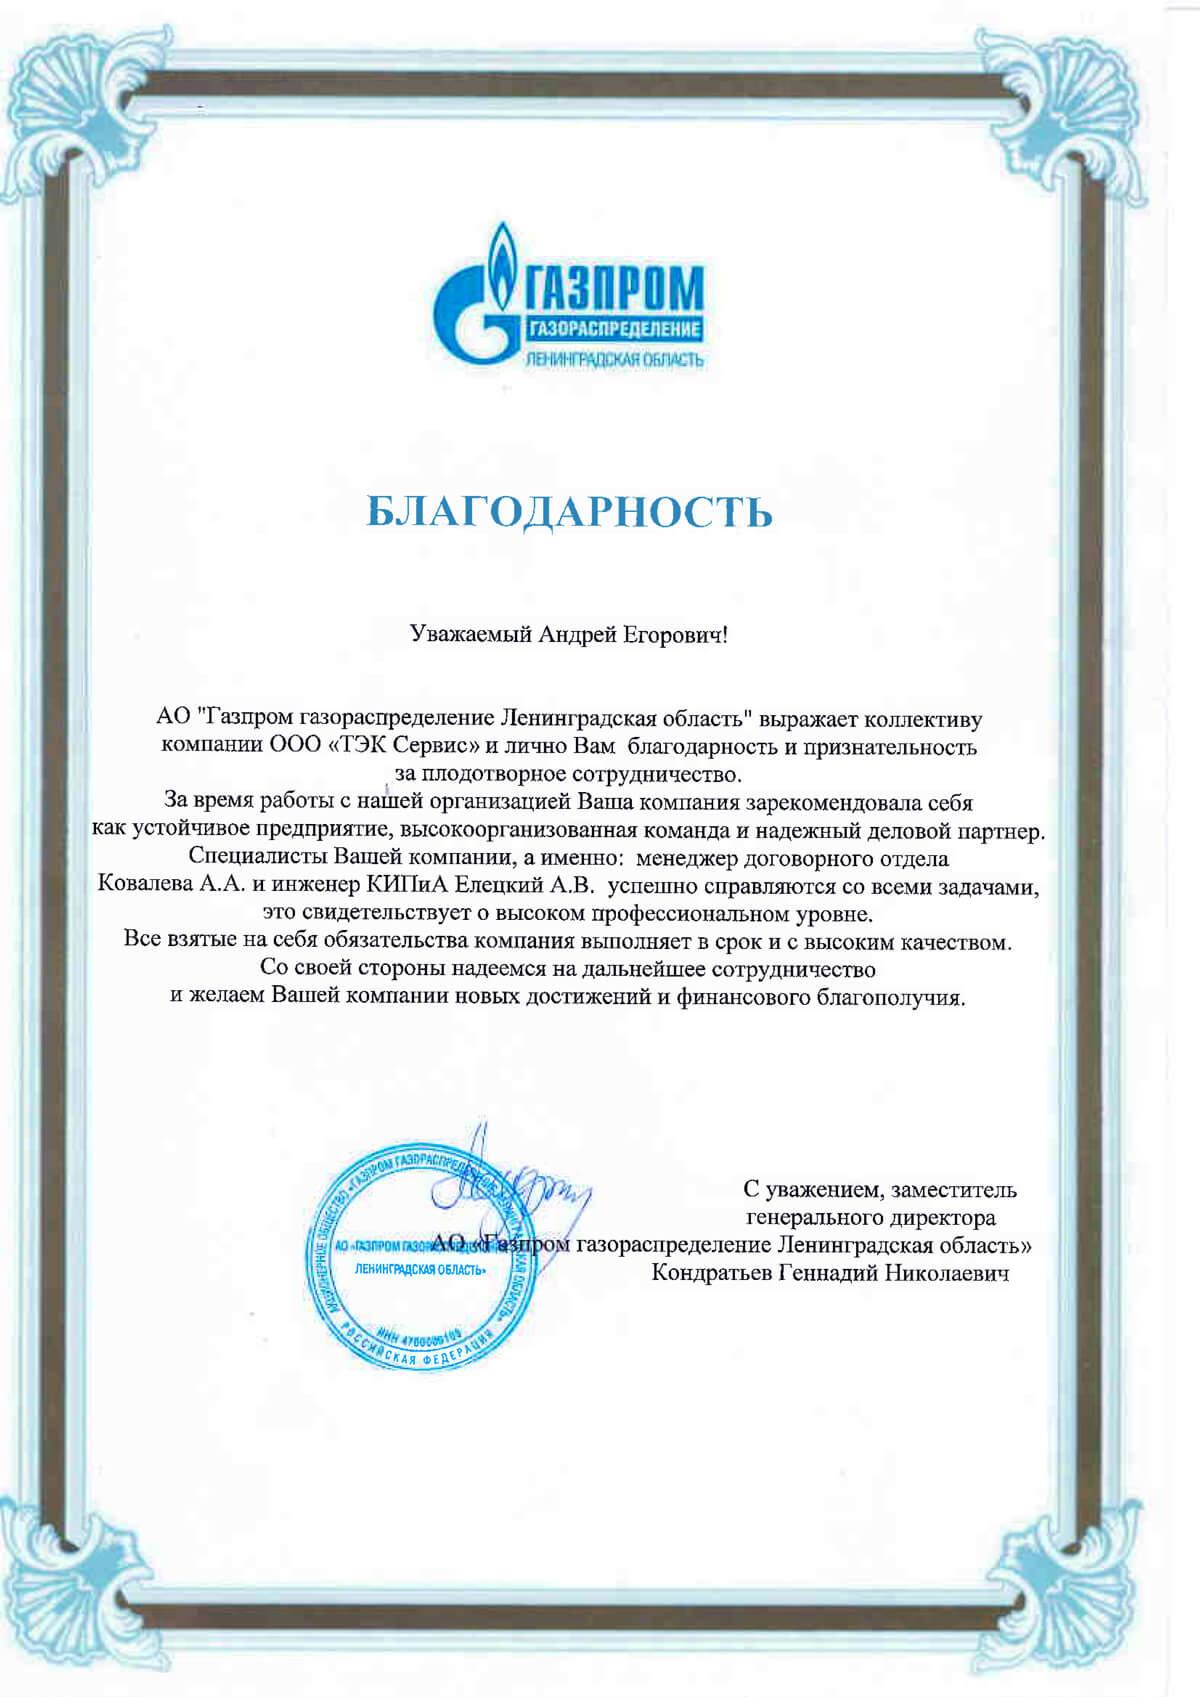 Благодарность за сотрудничество Газпром письмо ТЭК СПб